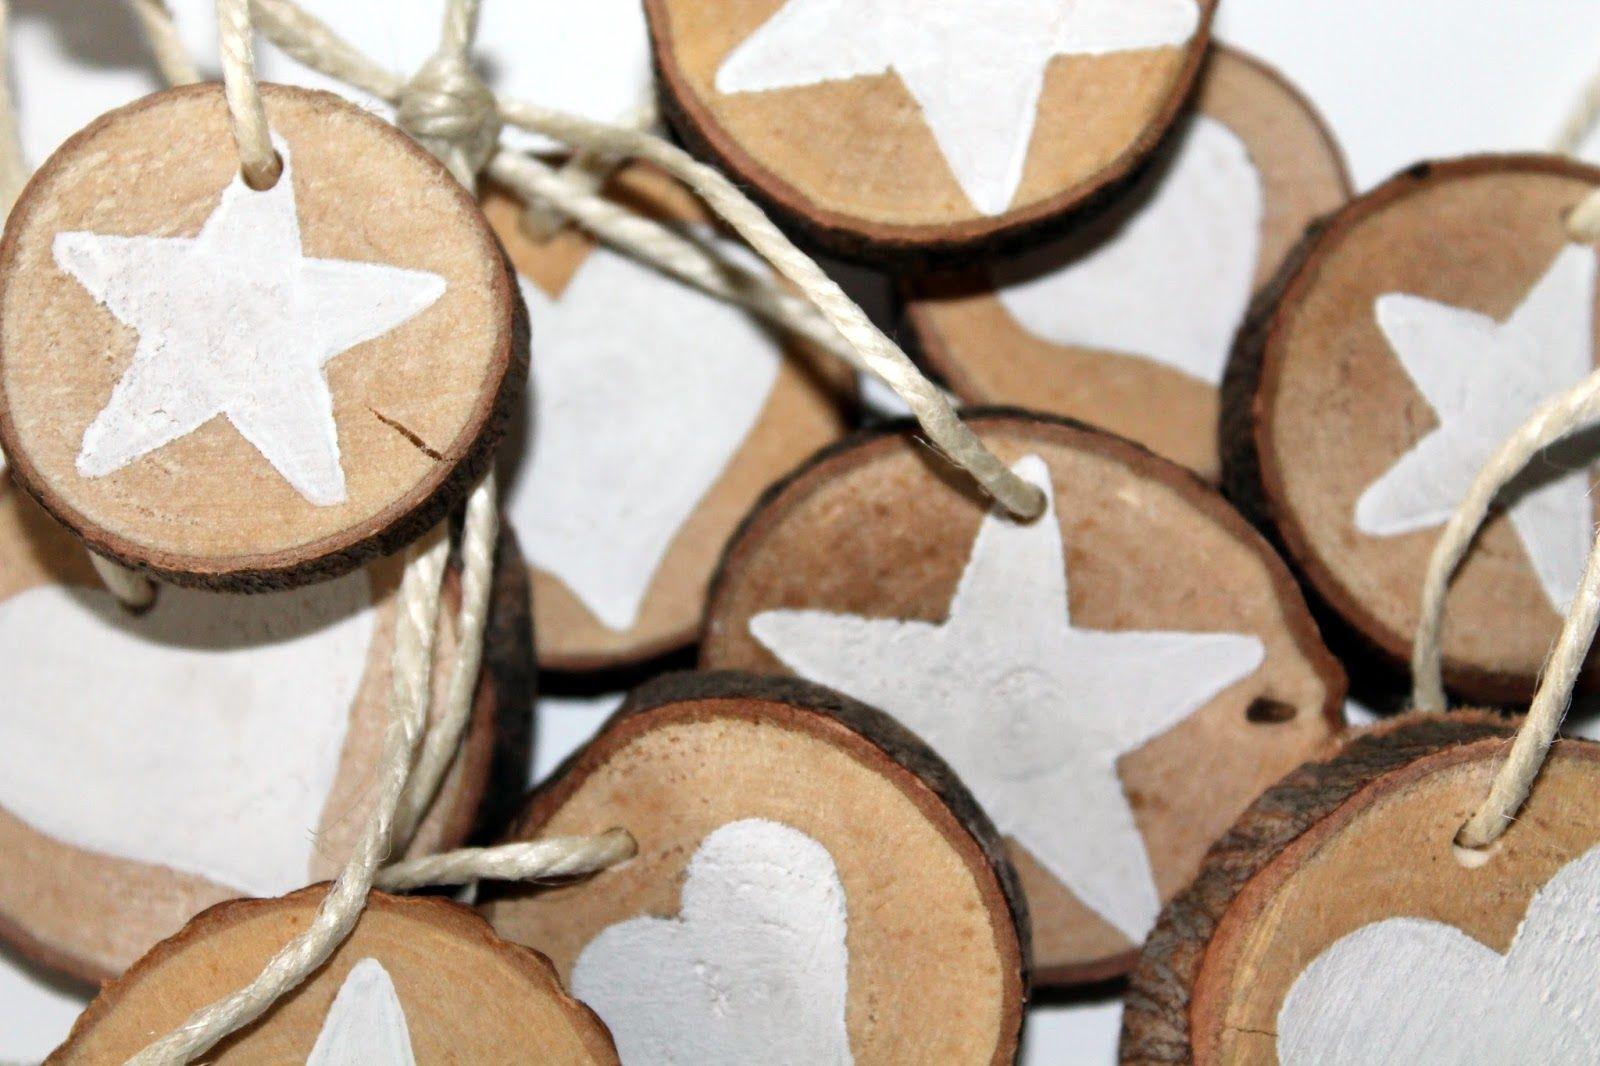 DIY Holzscheiben Stern und Herz als Adventsanhänger selber machen #holzscheibendeko